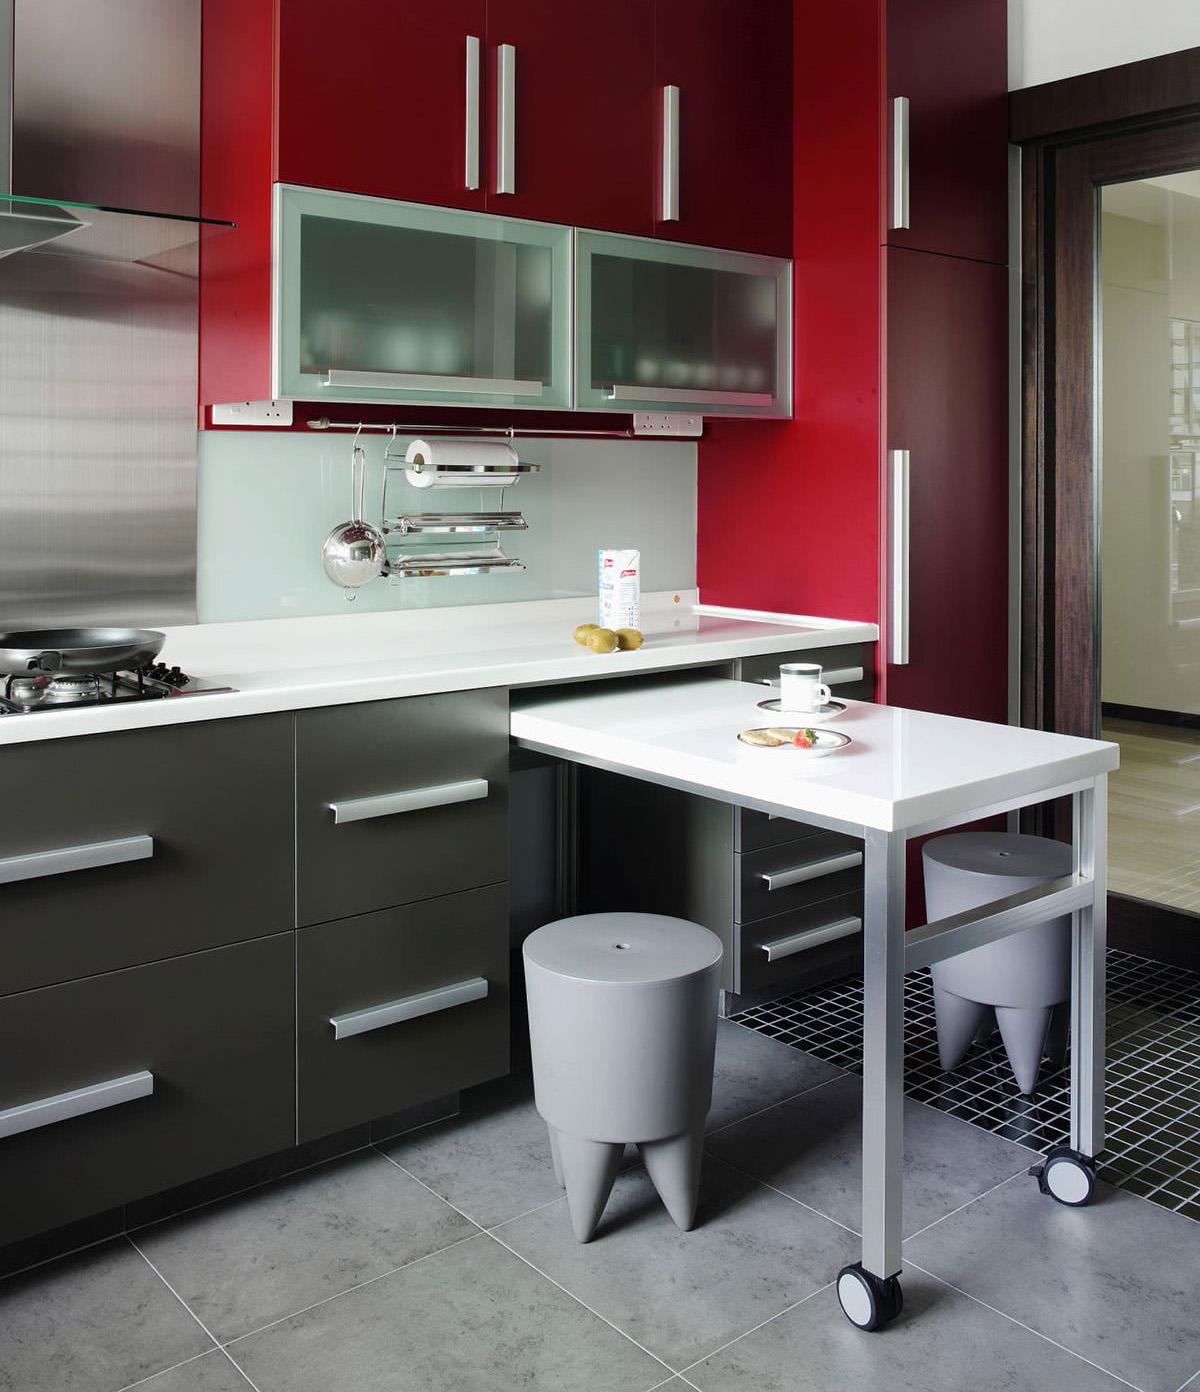 нас примеры кухонь фото помощью